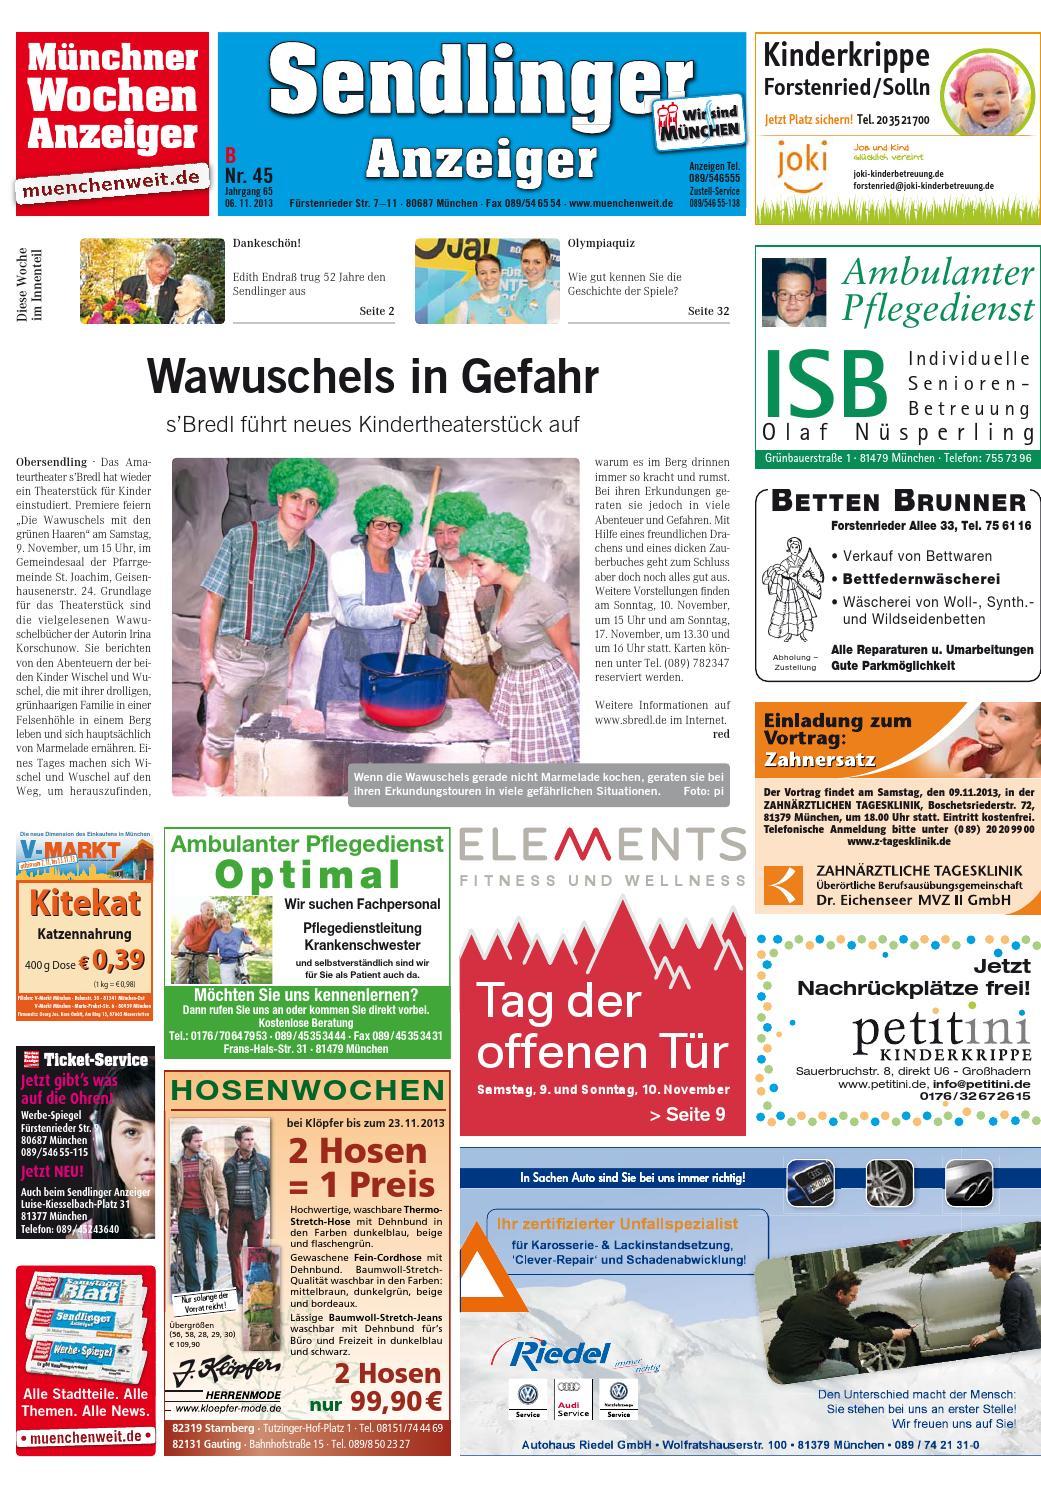 KW 21 21 by Wochenanzeiger Medien GmbH   issuu